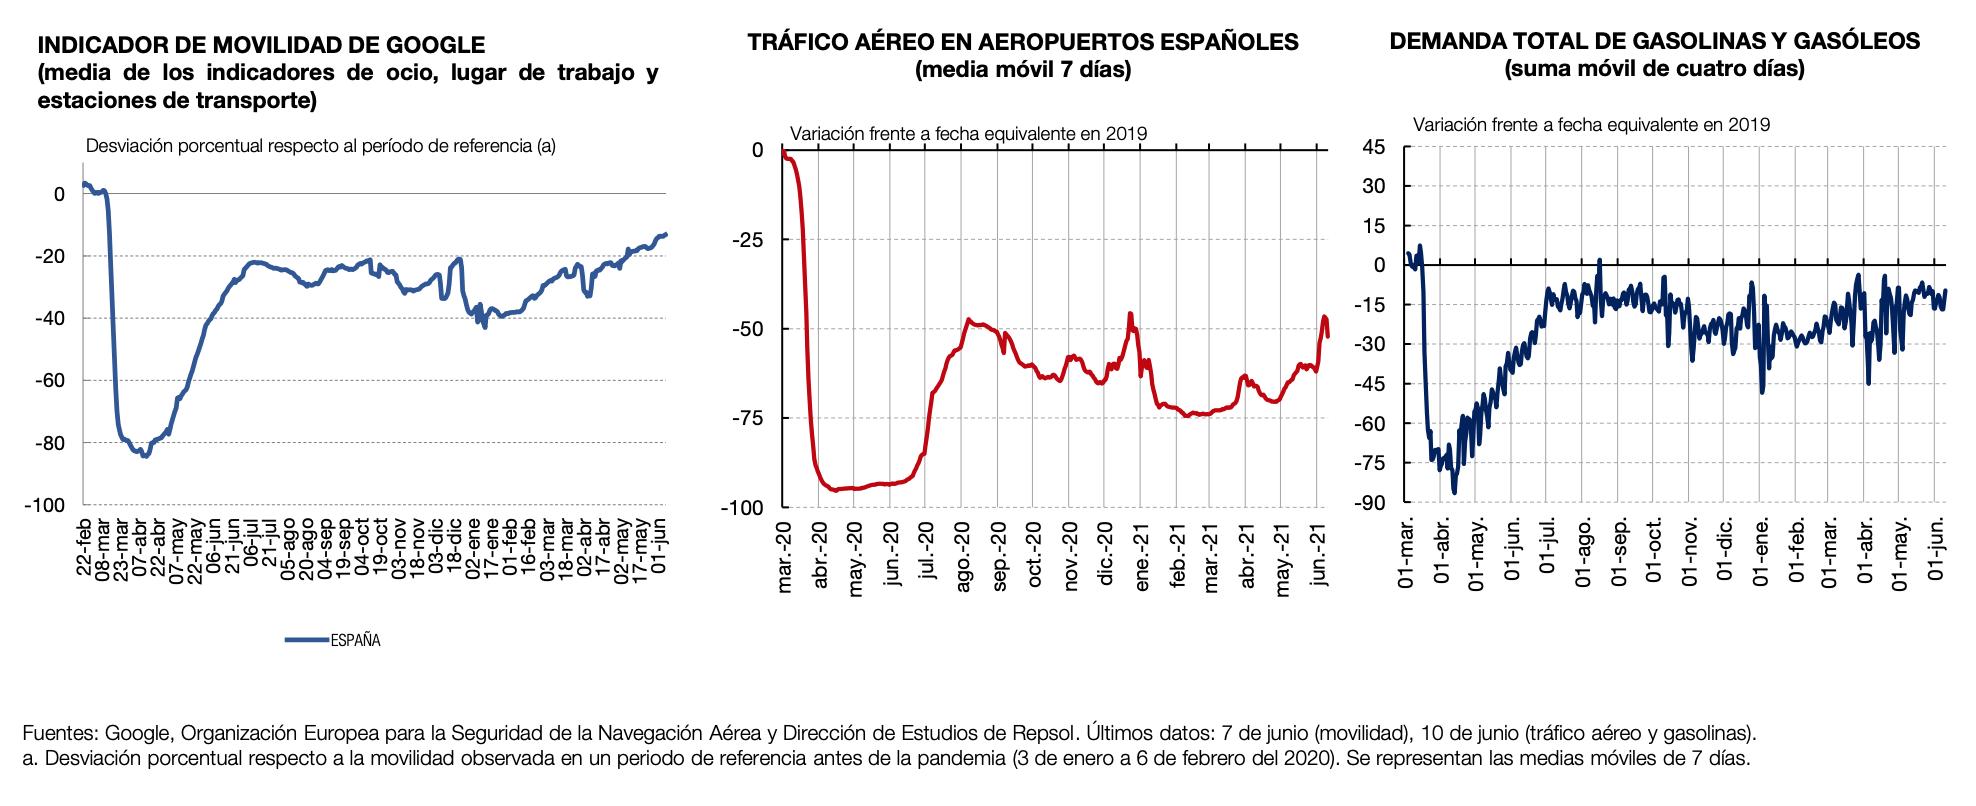 informe-junio-2021-banco-de-espana-3.png